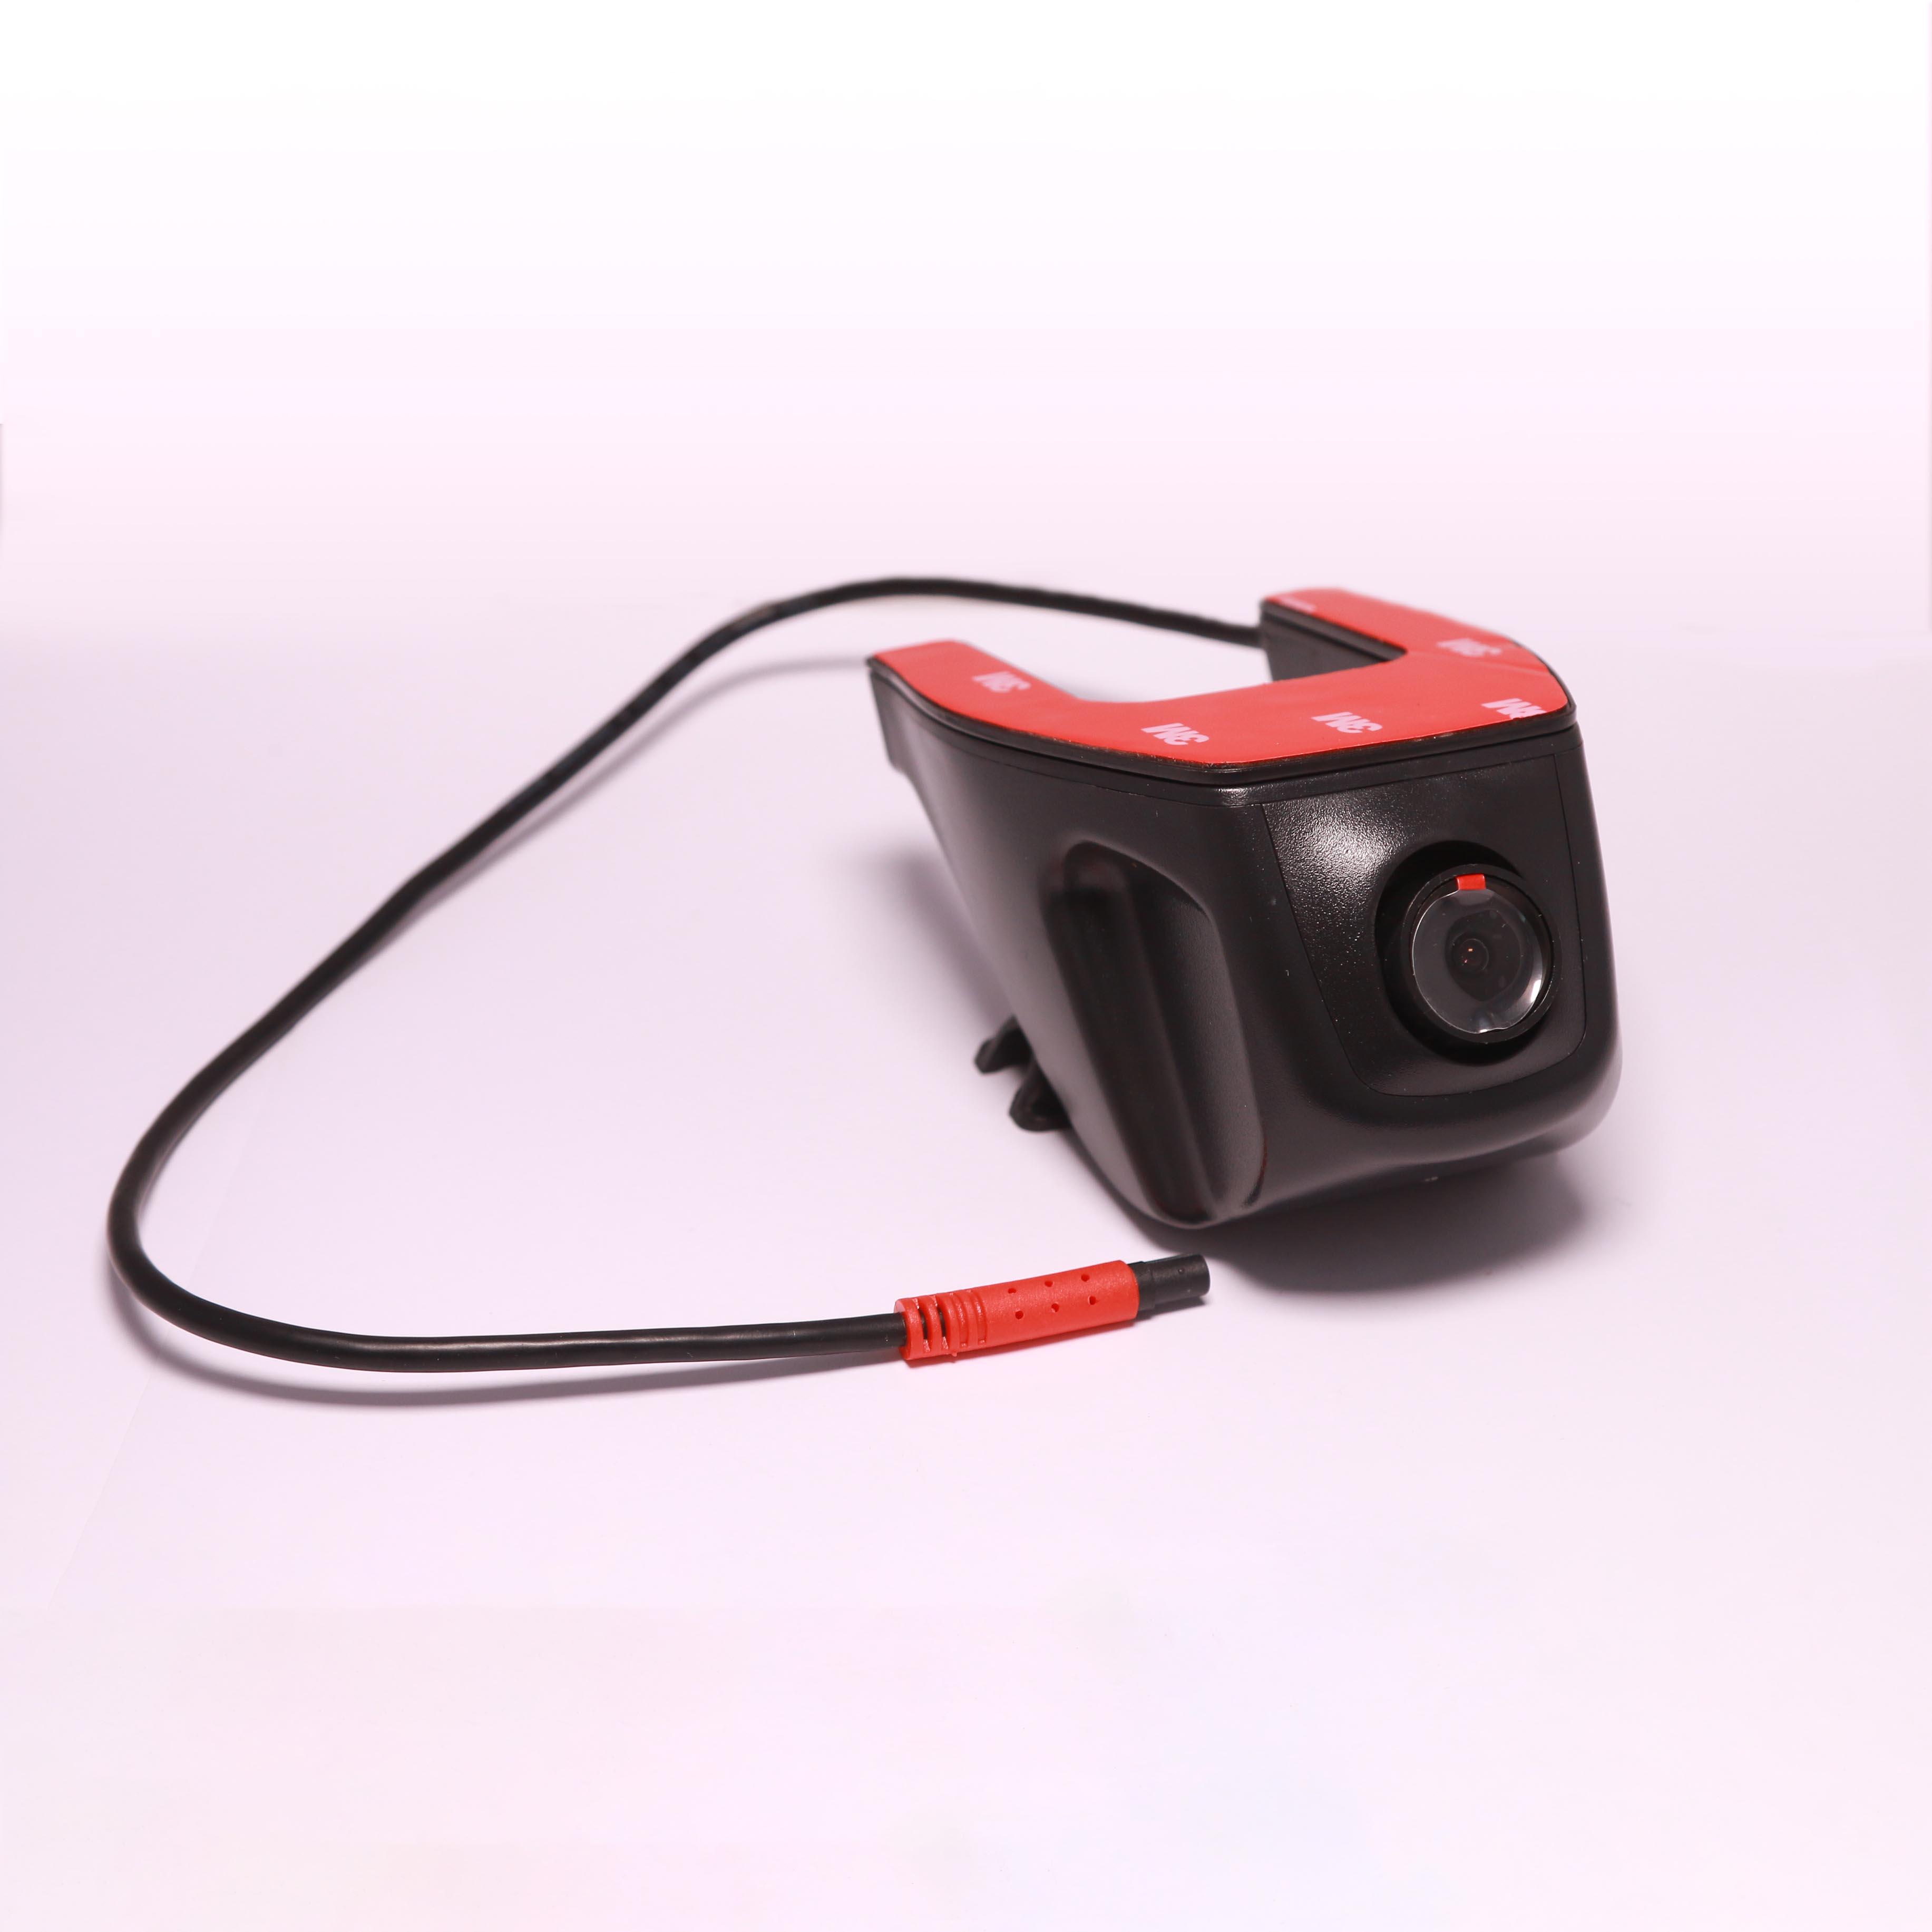 Camera hành trình ốp chân gương chiếu hậu A18 CKY-300 kết nối với màn Android qua cổng USB